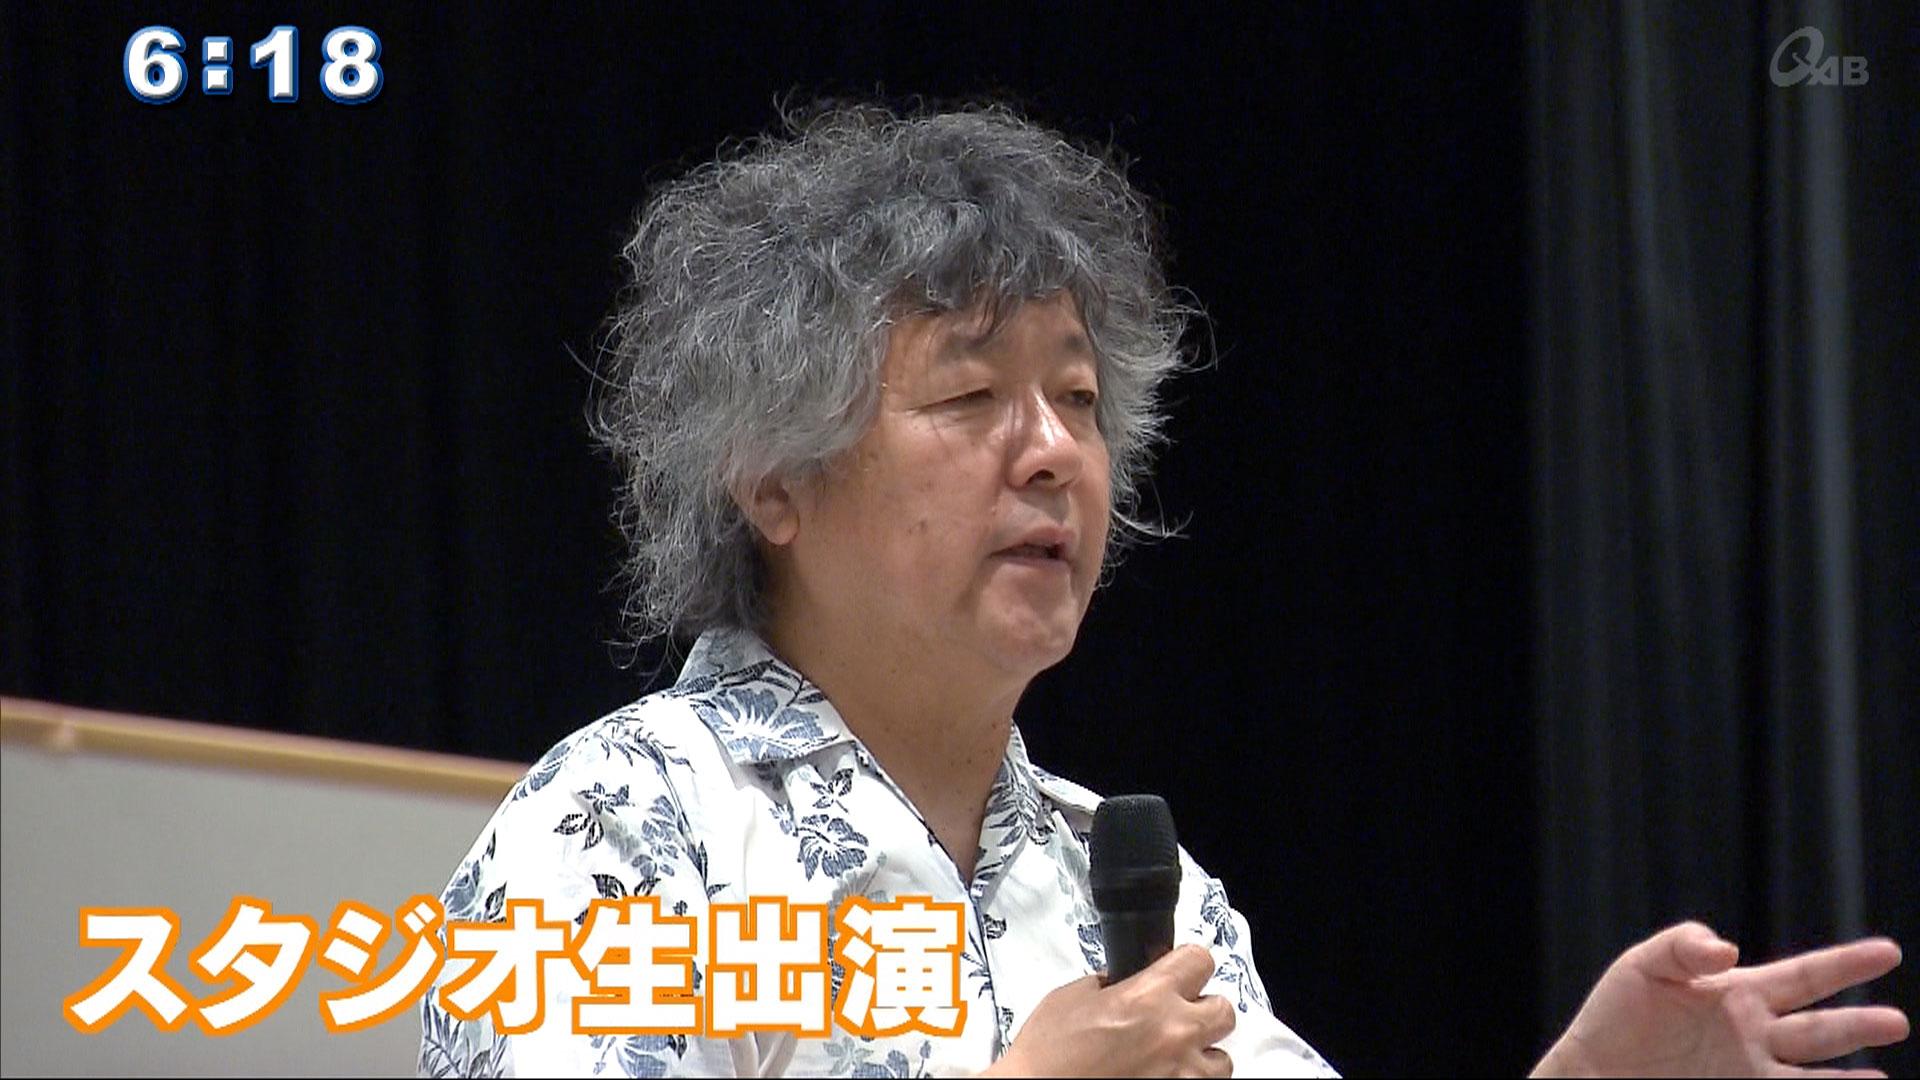 """脳科学者・茂木健一郎さんが伝える""""生きがい"""""""